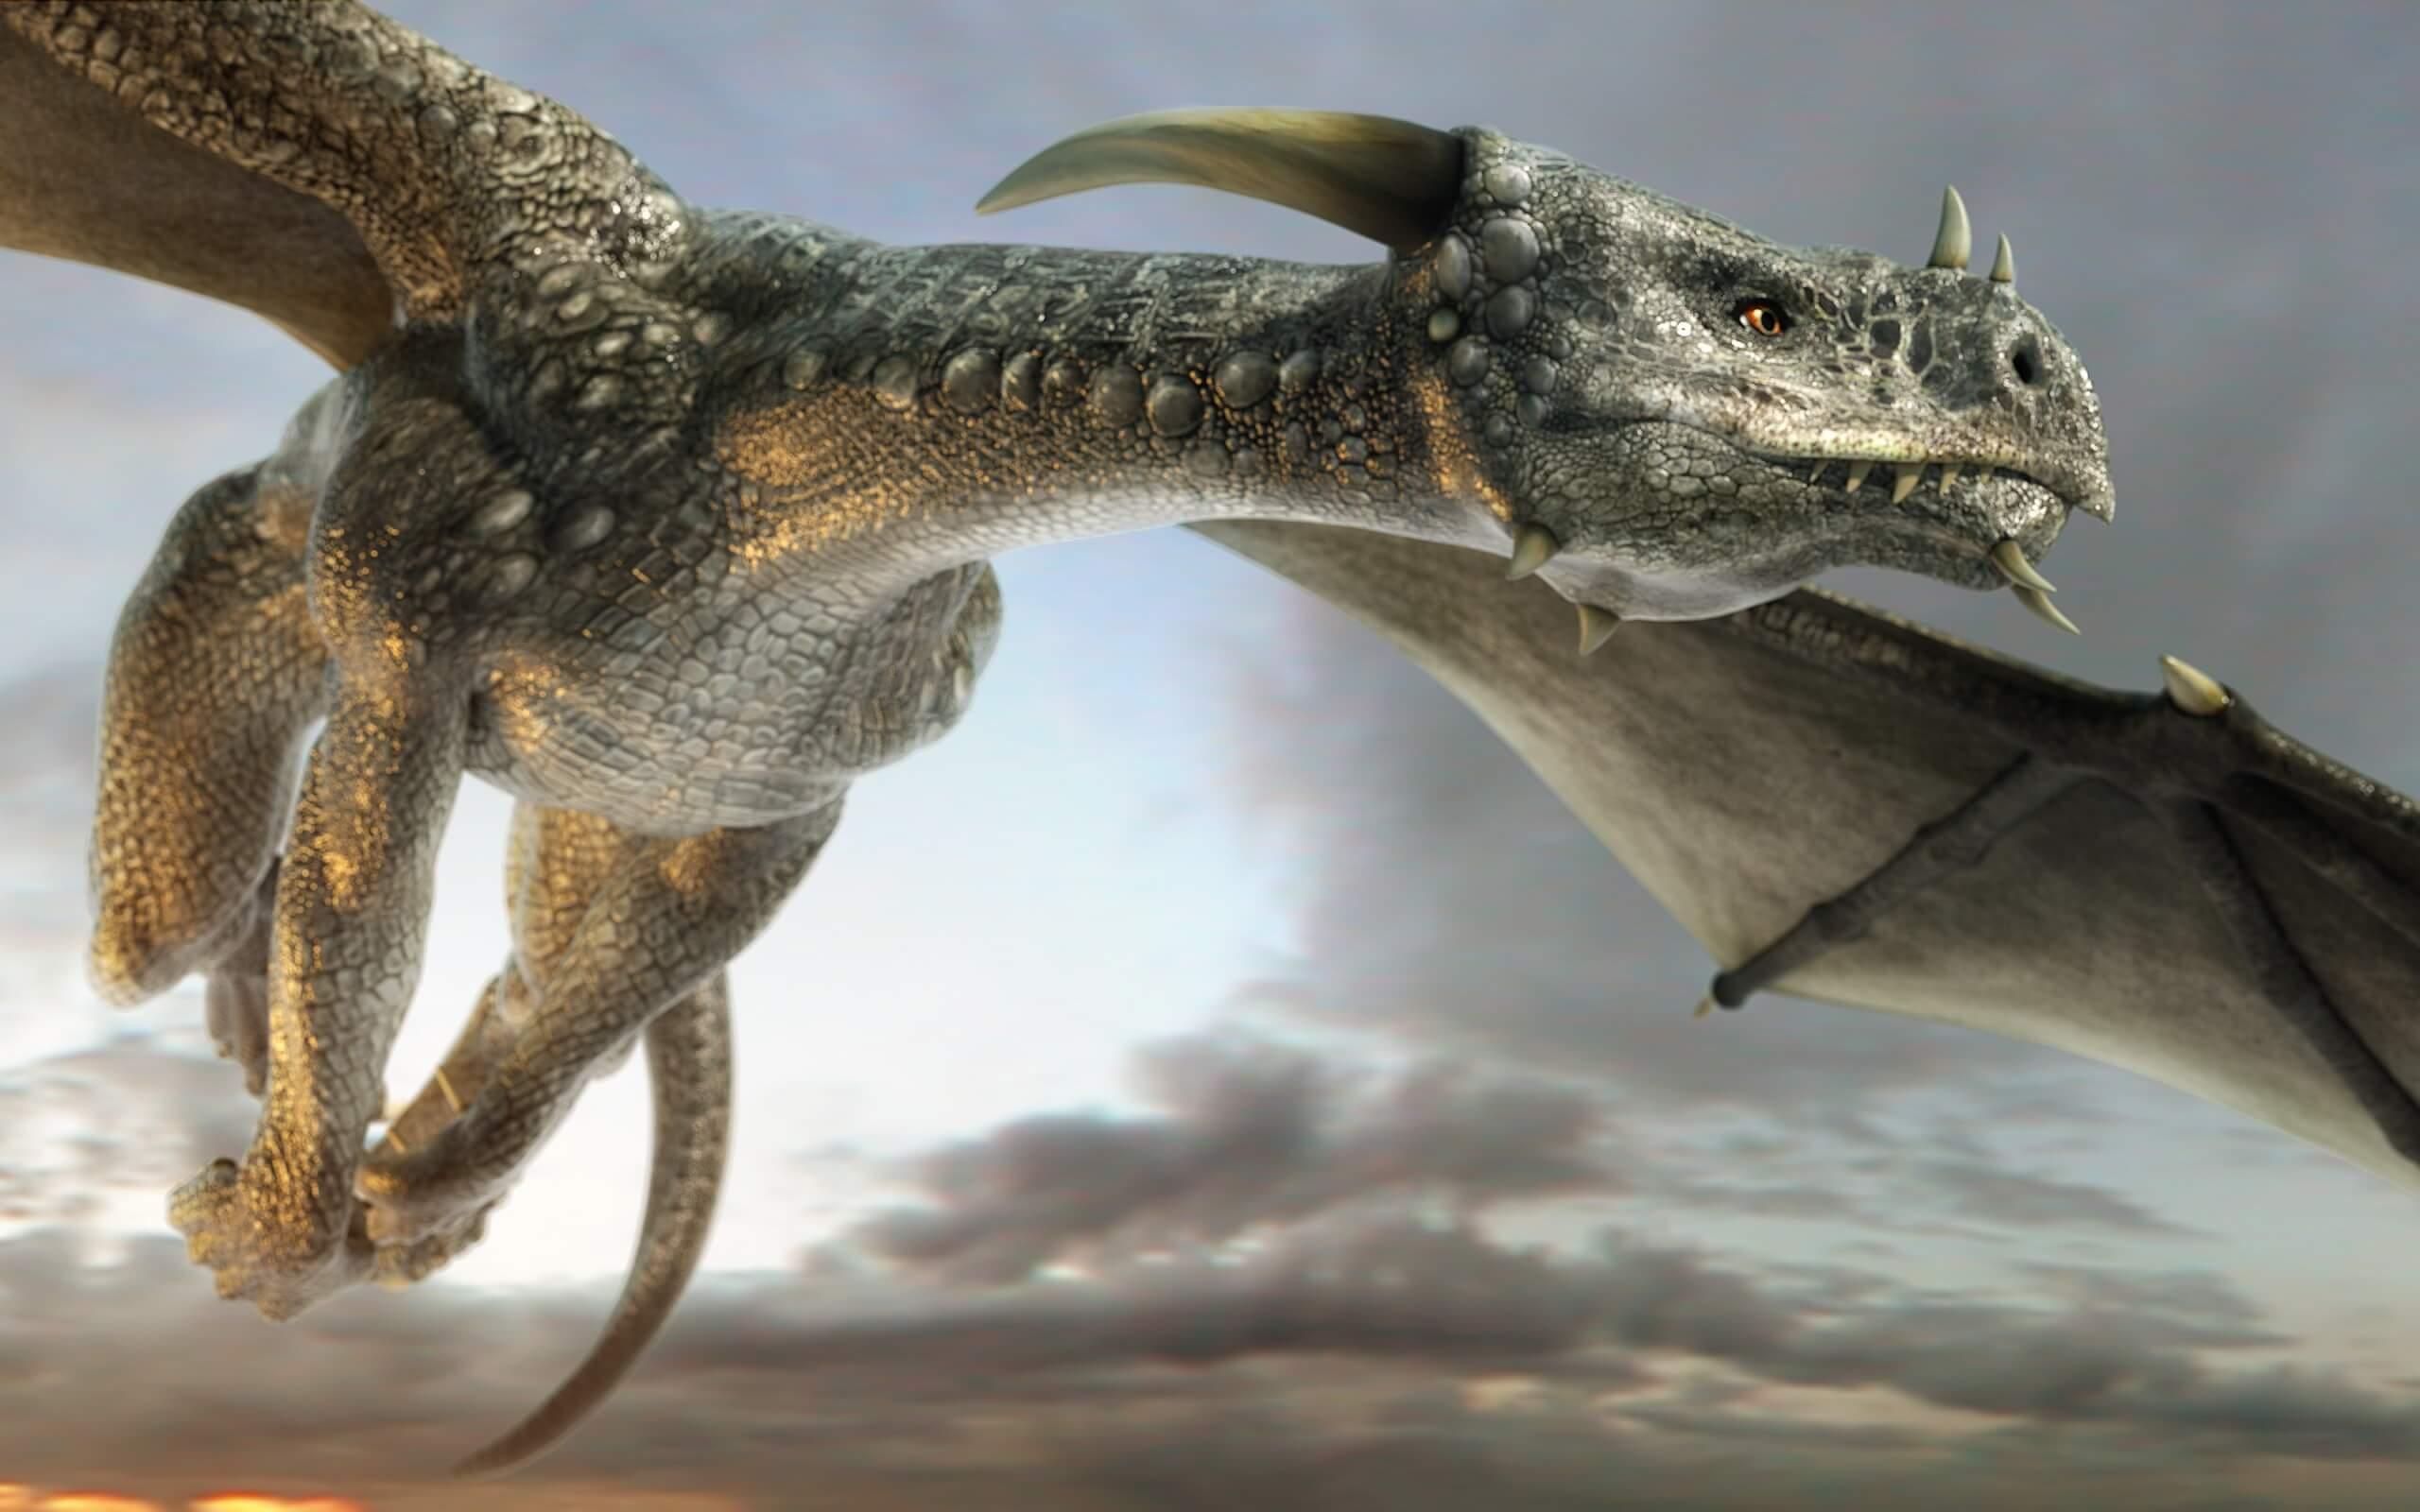 К чему снится дракон - сонник женщине, девушке, мужчине. Огнедышащий дракон во сне